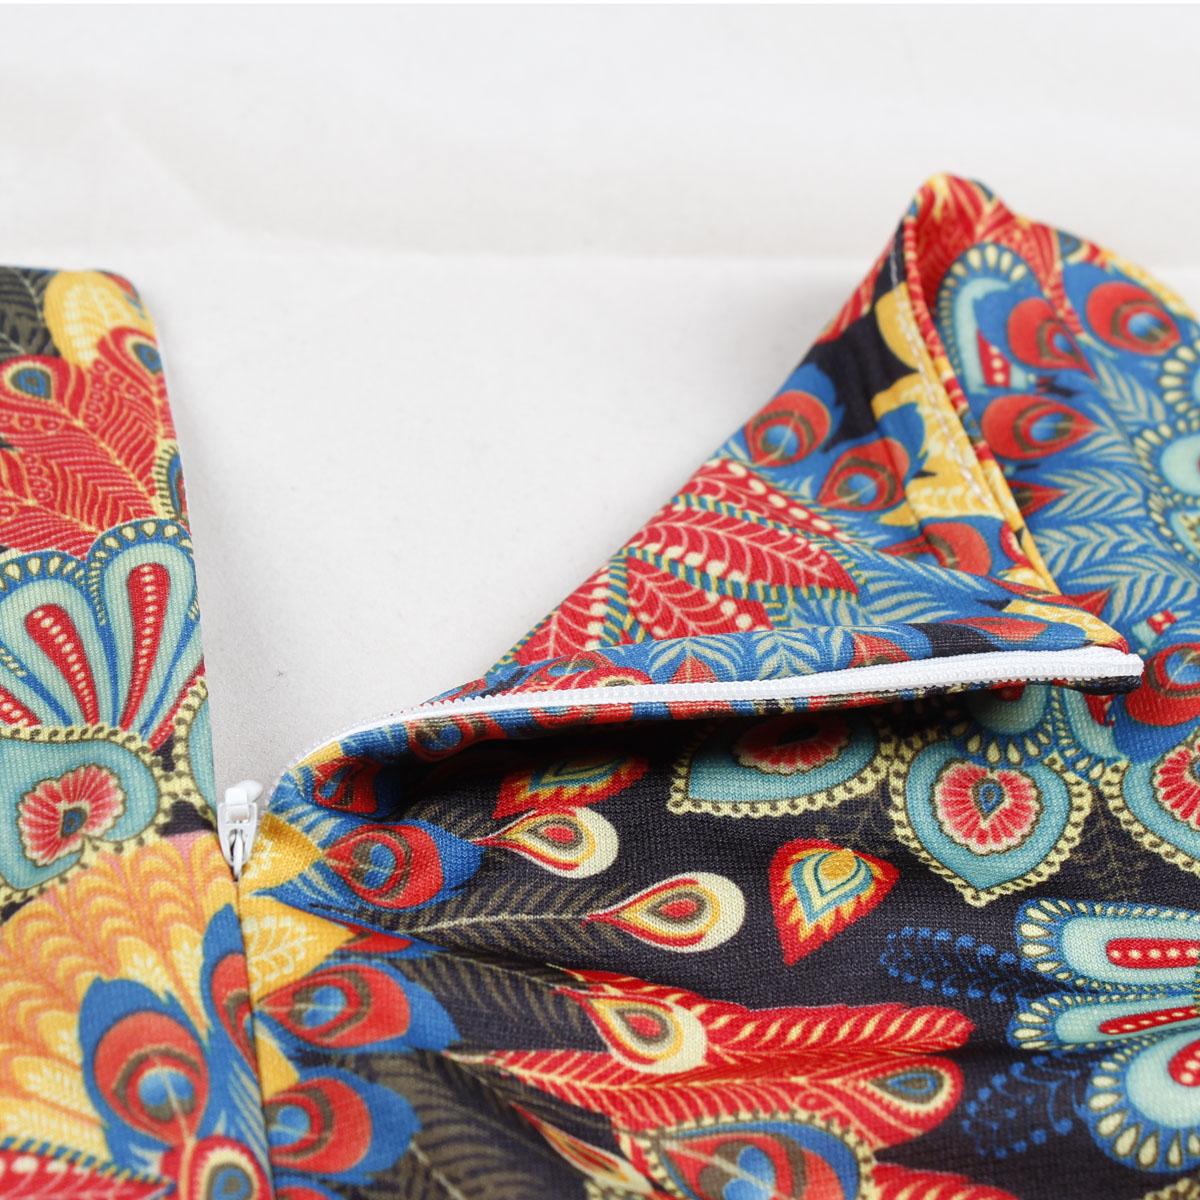 Женское платье SkyINTL yf761 2012 OL Осень 2012 Разные